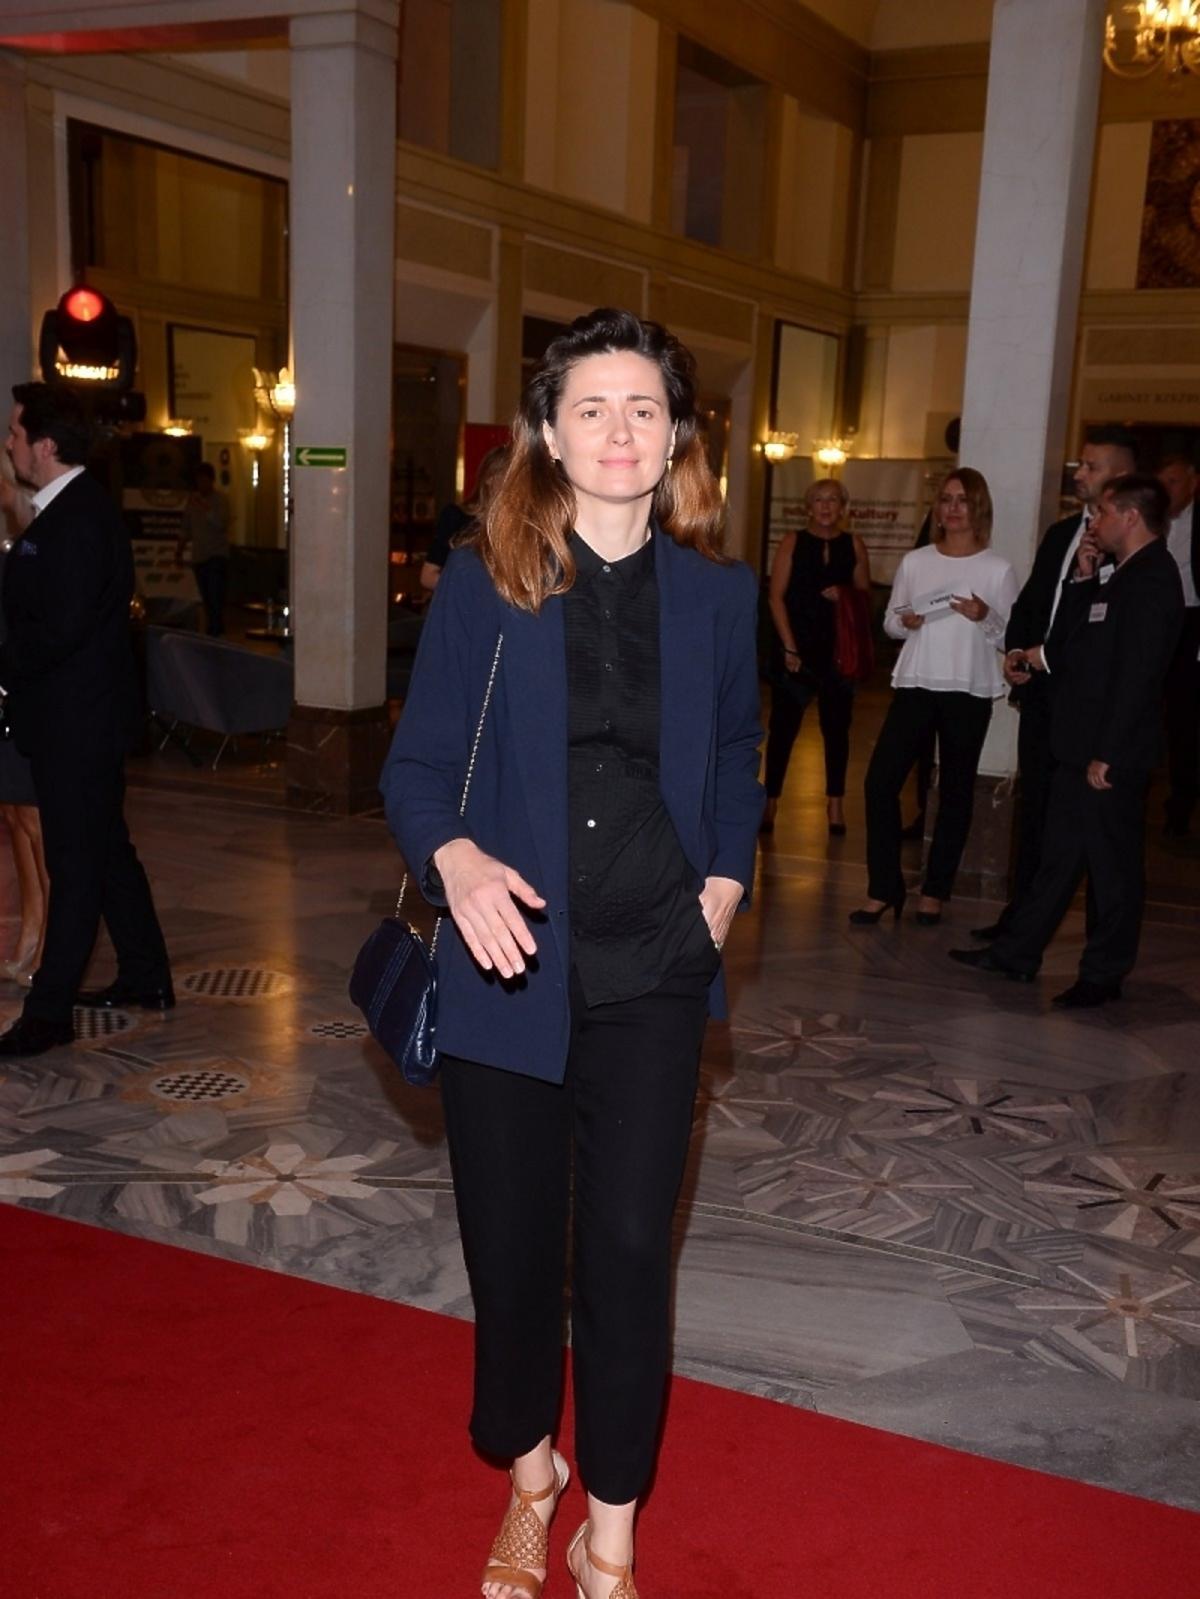 Agnieszka Grochowska w niebieskiej marynarce i czarnych spodniach na czerwonym dywanie